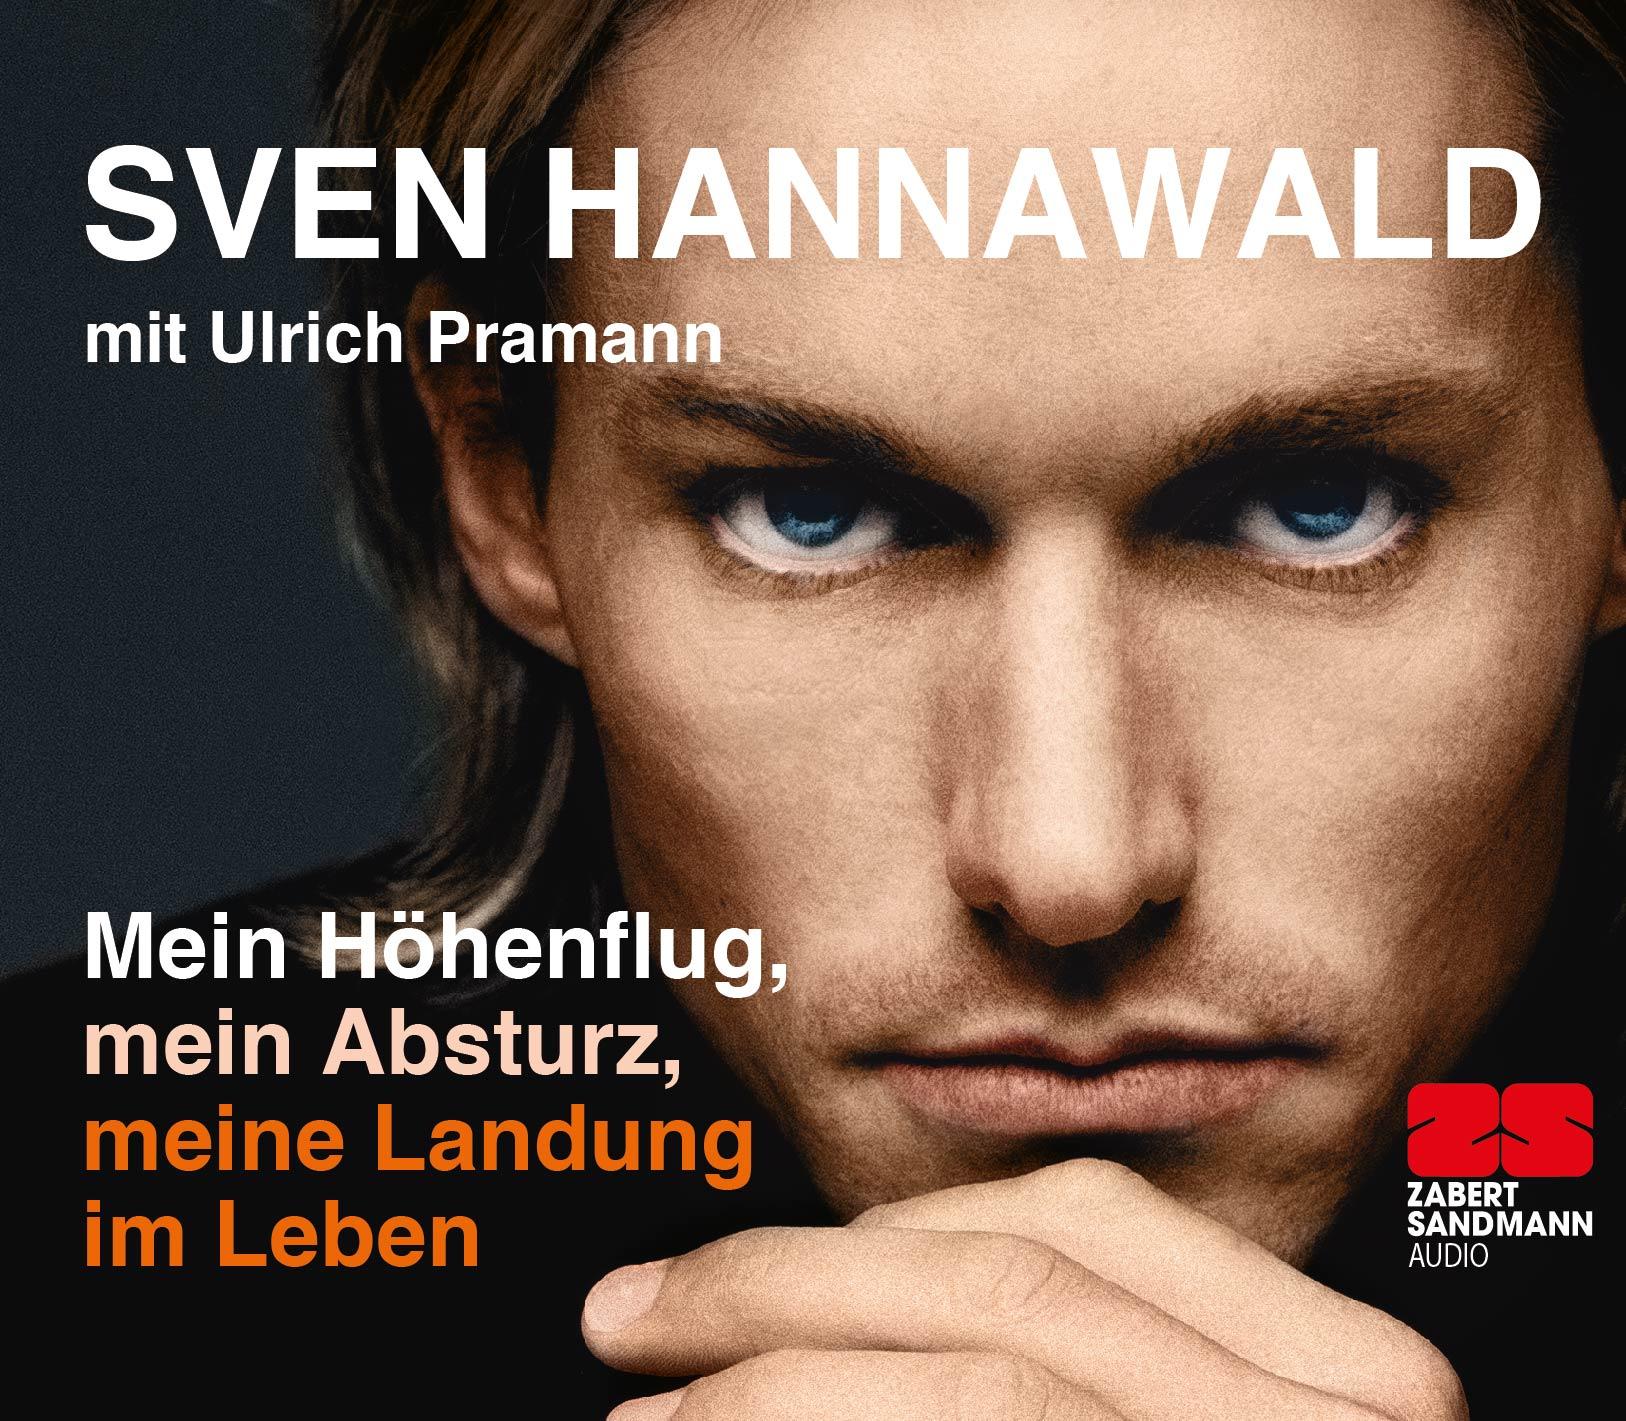 Mein Höhenflug, mein Absturz, meine Landung im Leben - Sven Hannawald [Audio CD]